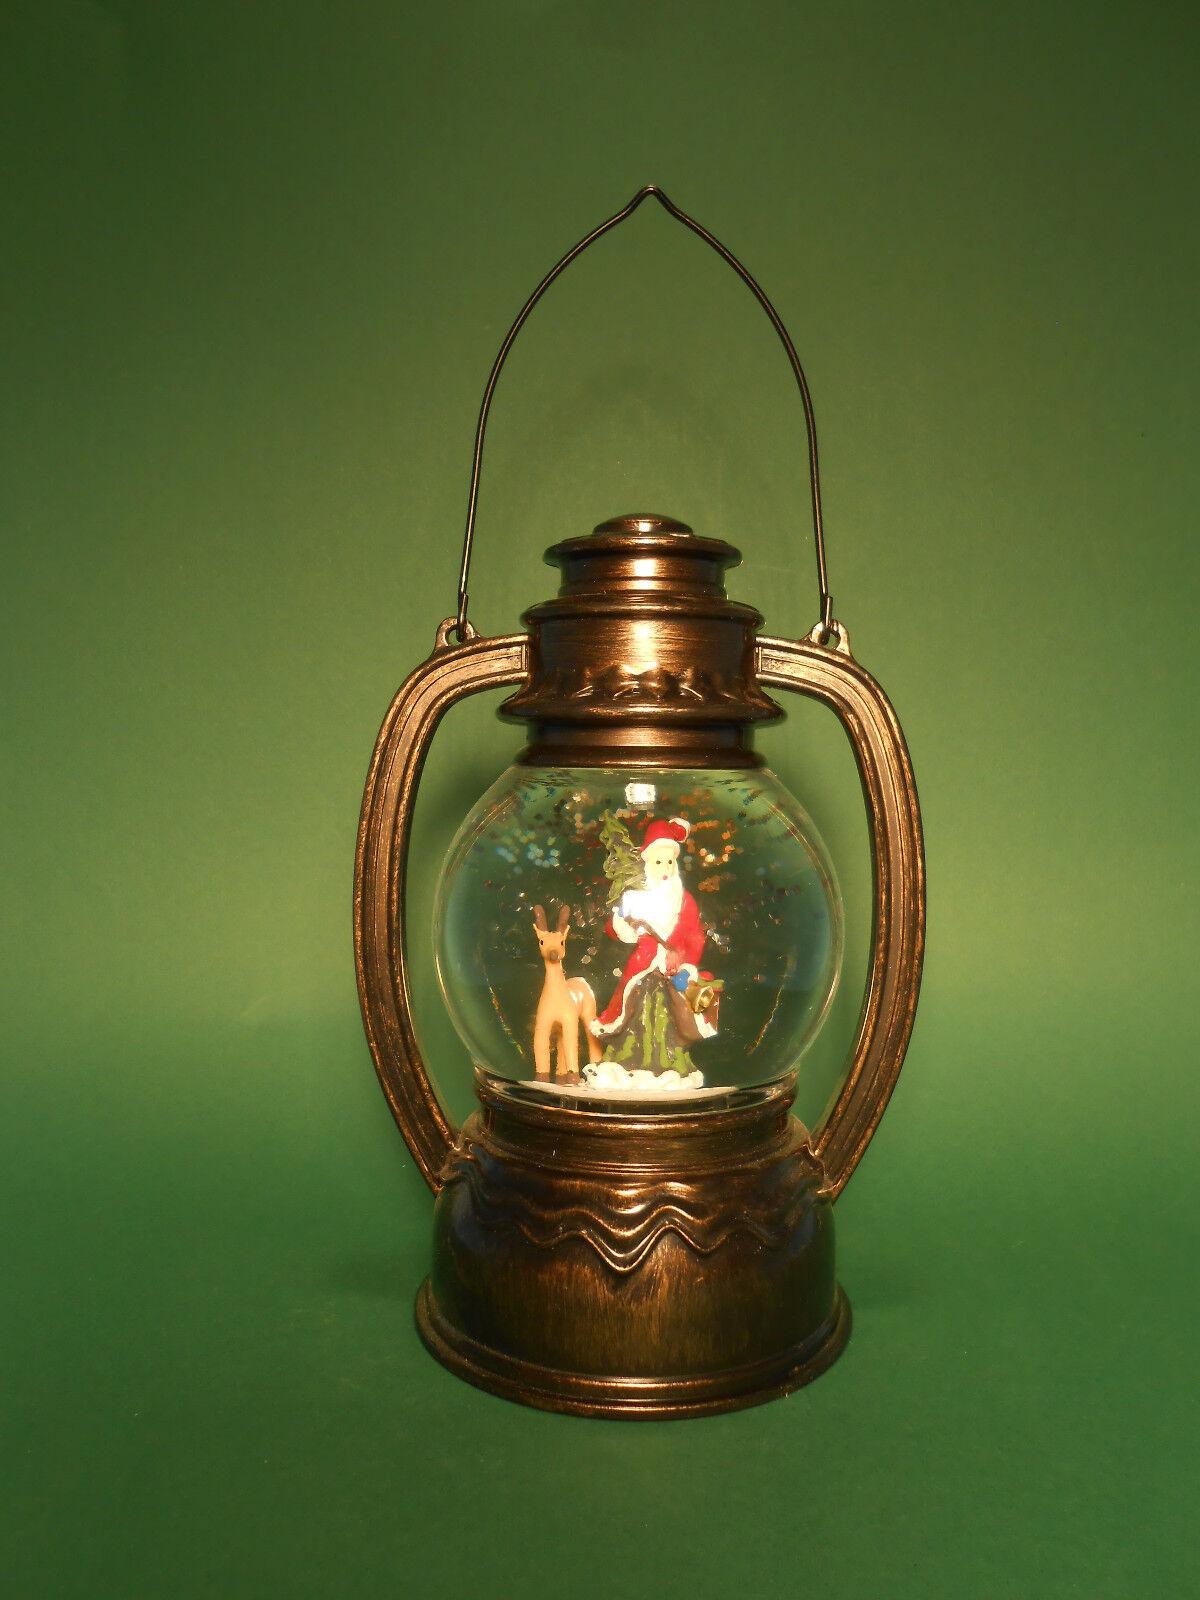 LED Laterne Schneekugel mit Licht und Glitterwirbel oder Spieldose 20cm groß neu